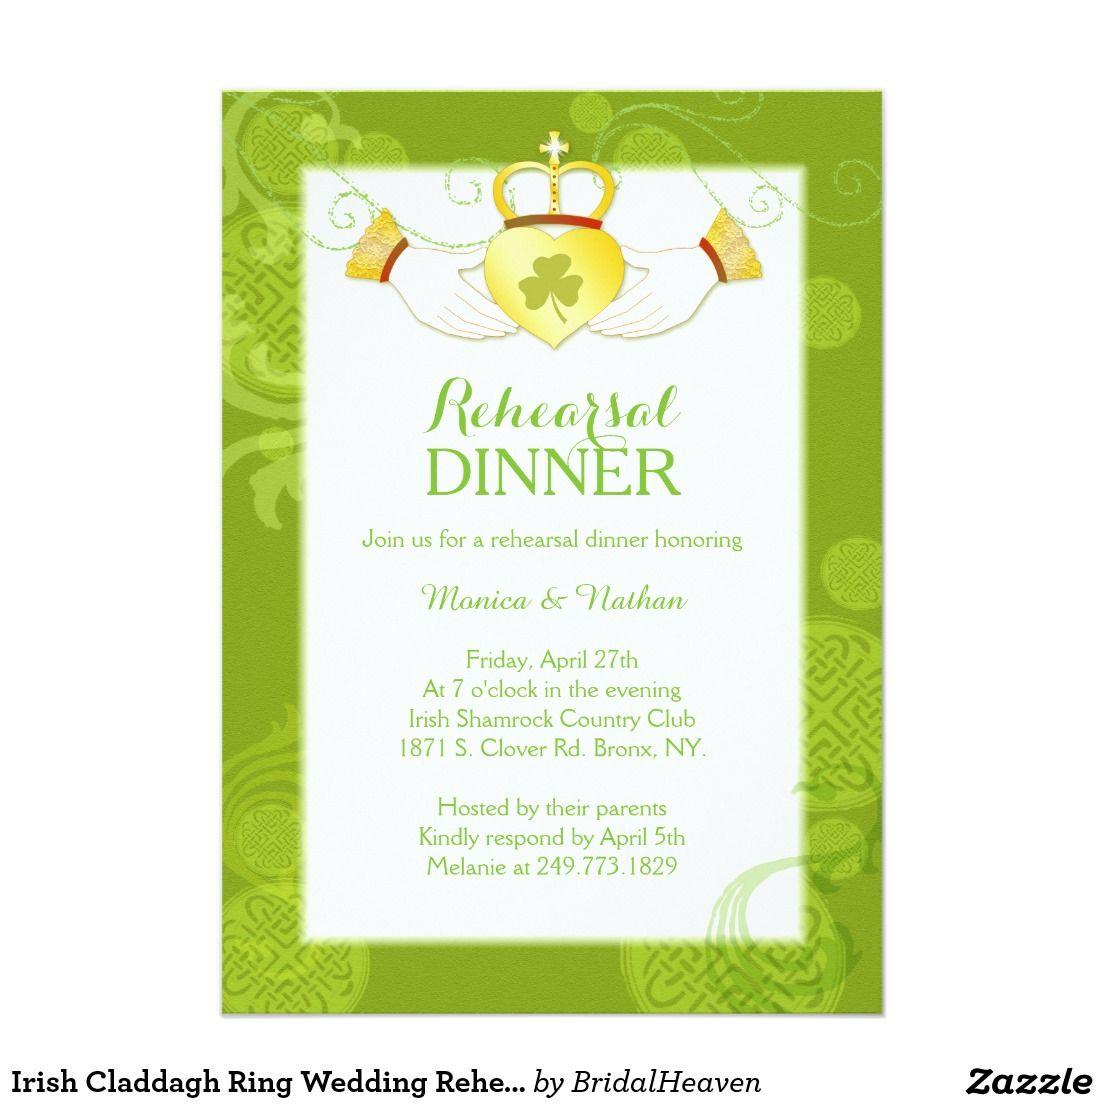 Irish Claddagh Ring Wedding Rehearsal Dinner: Invitations Wedding Fun Irish At Websimilar.org